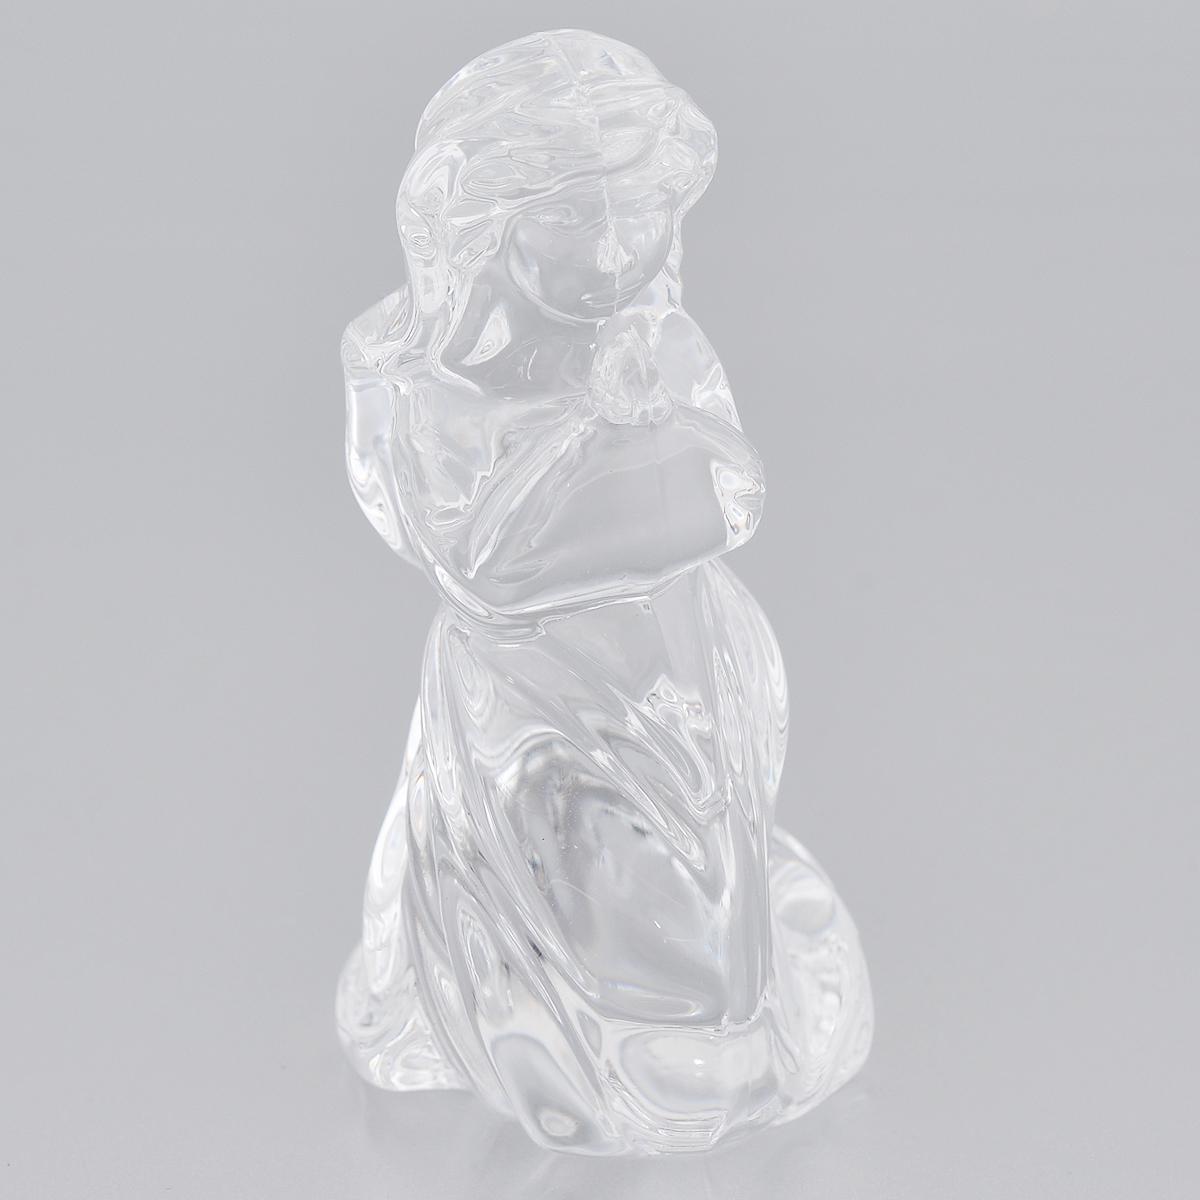 Фигурка декоративная Crystal Bohemia Ангел, высота 8 смUP210DFФигурка Crystal Bohemia Ангел изготовлена из высококачественного хрусталя. Фигурка выполнена в виде ангела и сочетает в себе изысканный дизайн и лаконичность. Она прекрасно подойдет для декора интерьера дома или офиса и станет достойным дополнением к вашей коллекции. Вы можете поставить фигурку в любом месте, где она будет удачно смотреться и радовать глаз. Кроме того - это отличный вариант подарка для ваших близких и друзей. Высота: 8 см.